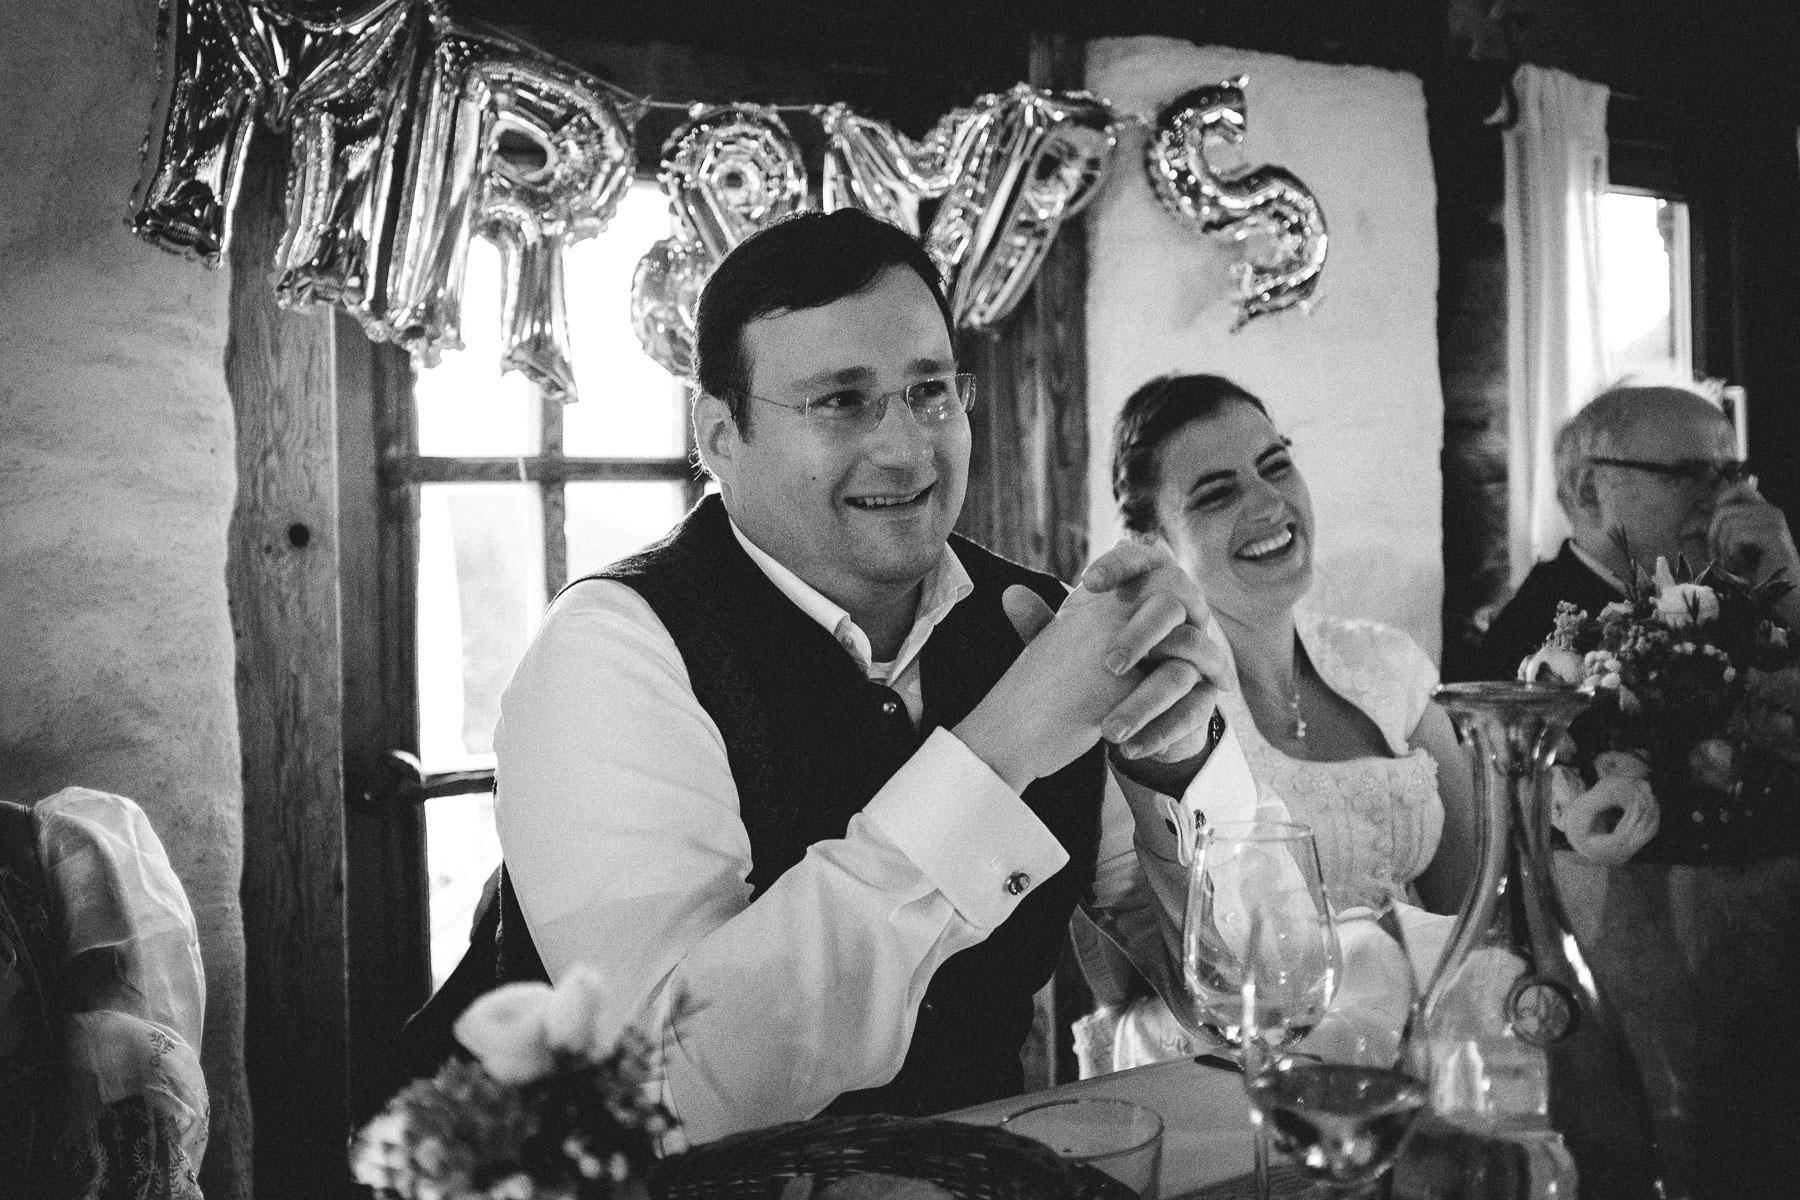 MartinLiebl_Hochzeitsfotograf_DPH_Blog_70.jpg